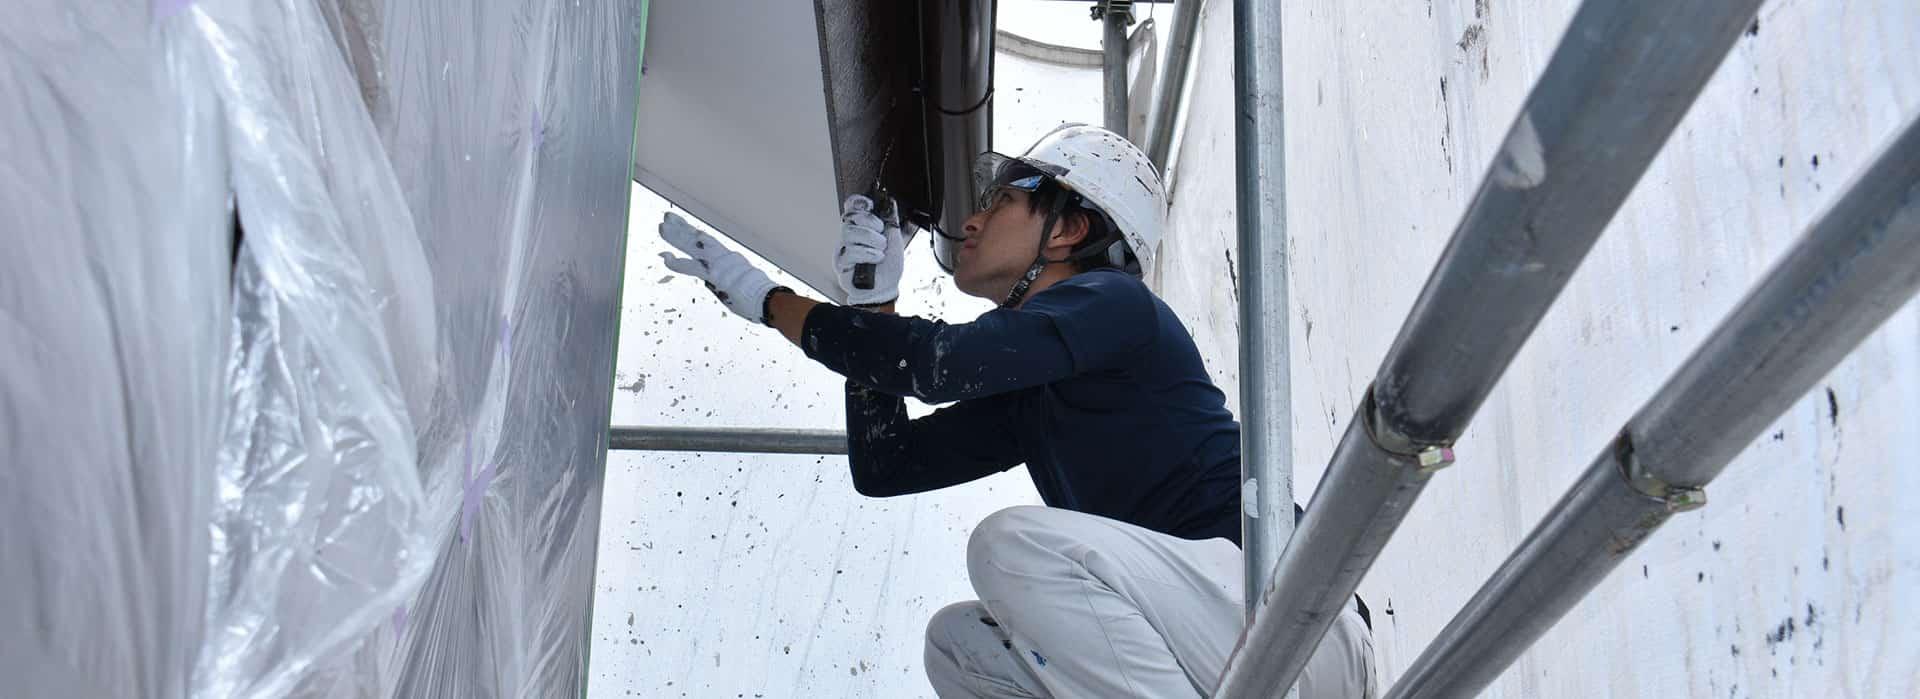 横浜市での外壁塗装・屋根塗装・防水塗装など山田工芸の料金一覧